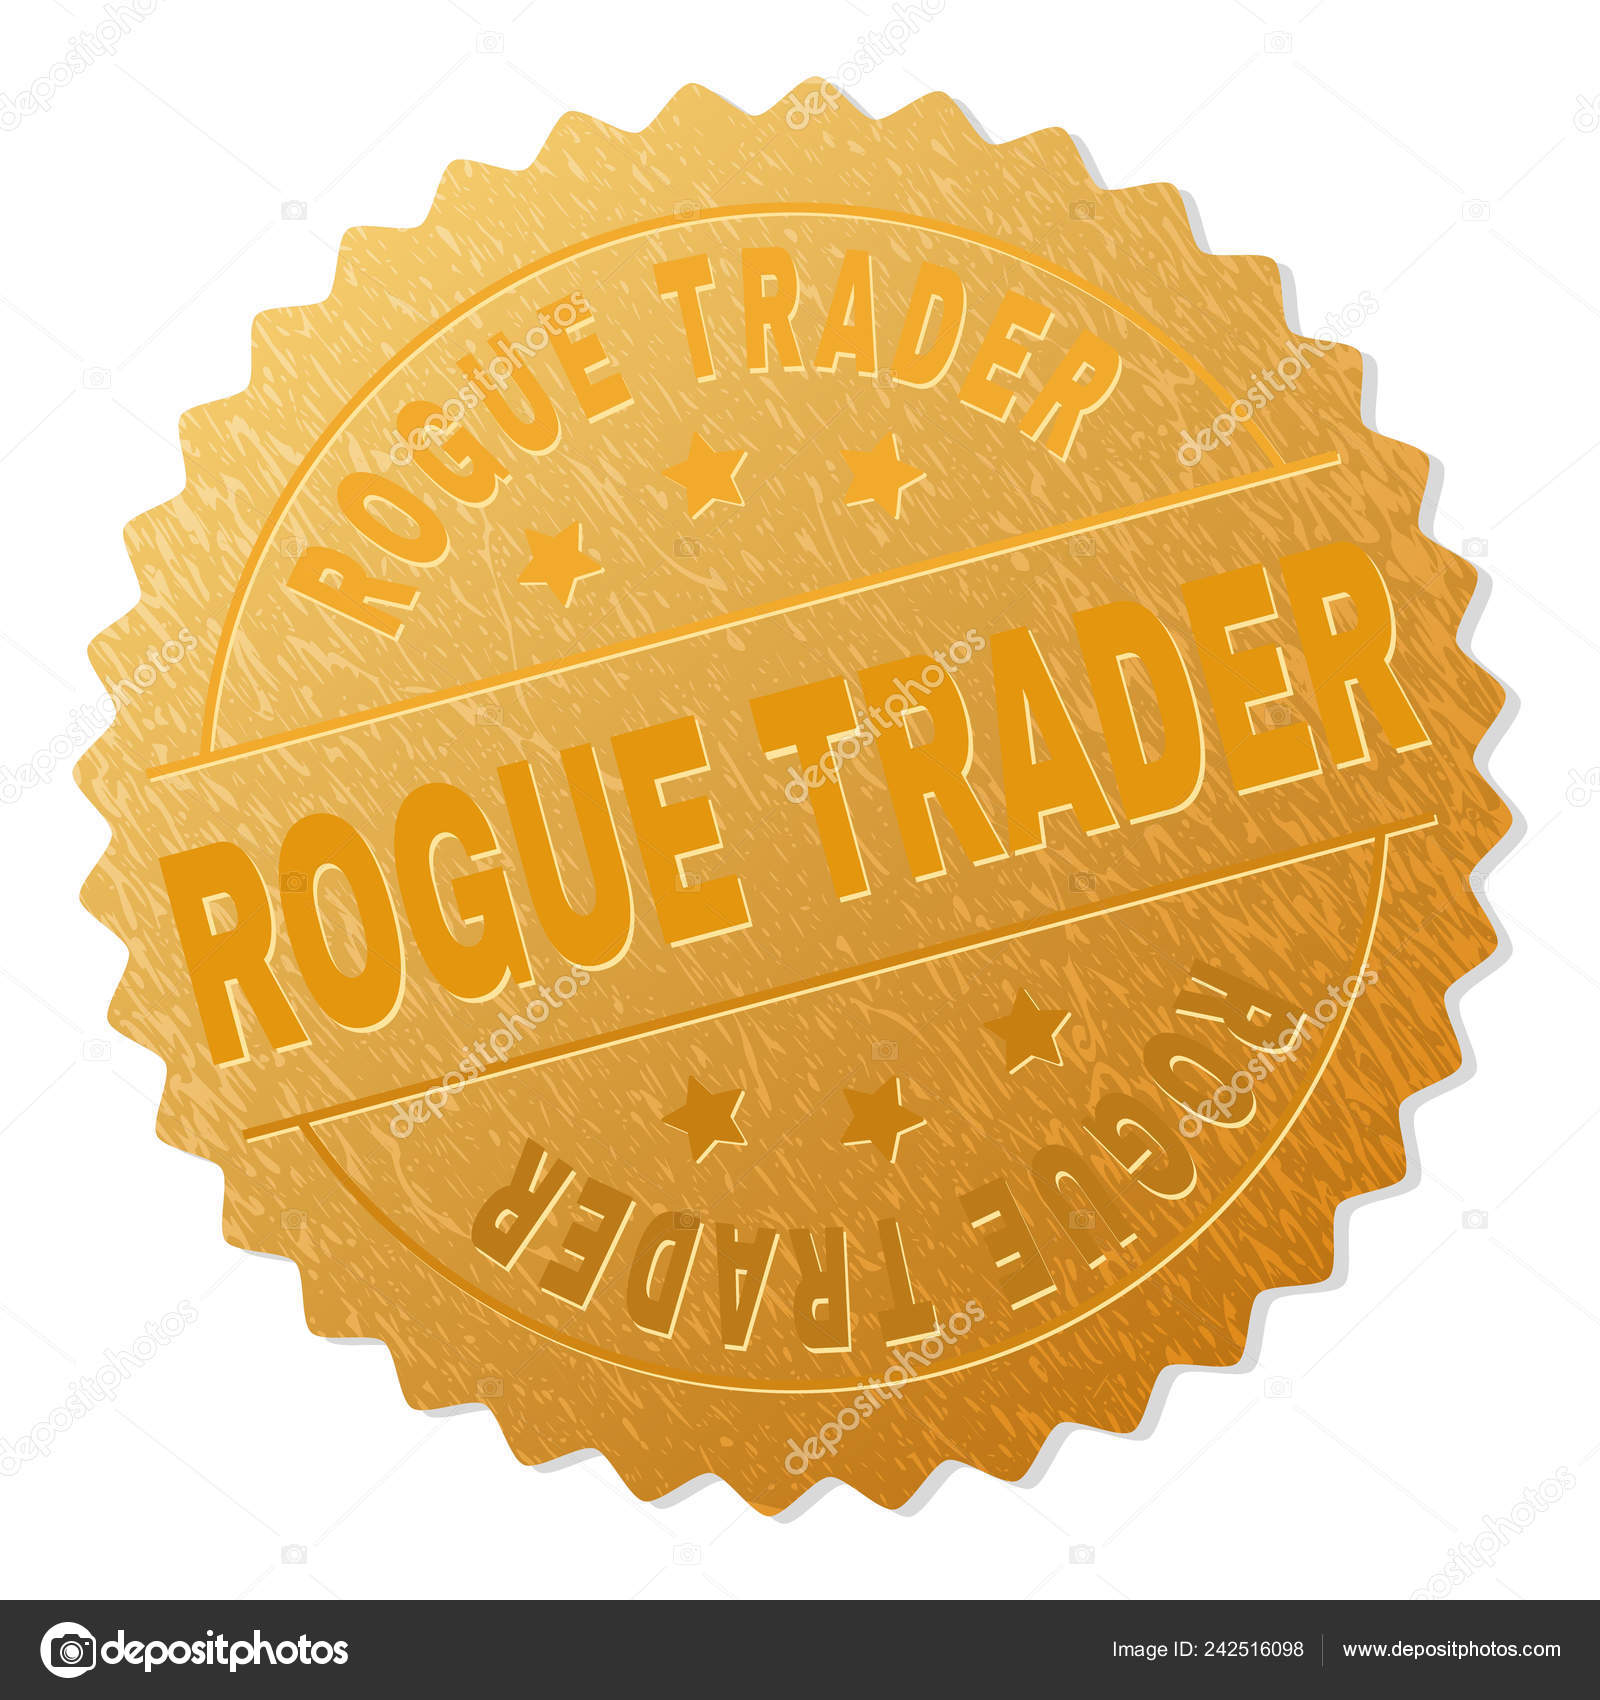 Biblioteca De Vetores Rogue Trader Ilustracoes Rogue Trader Livres De Royalties Depositphotos